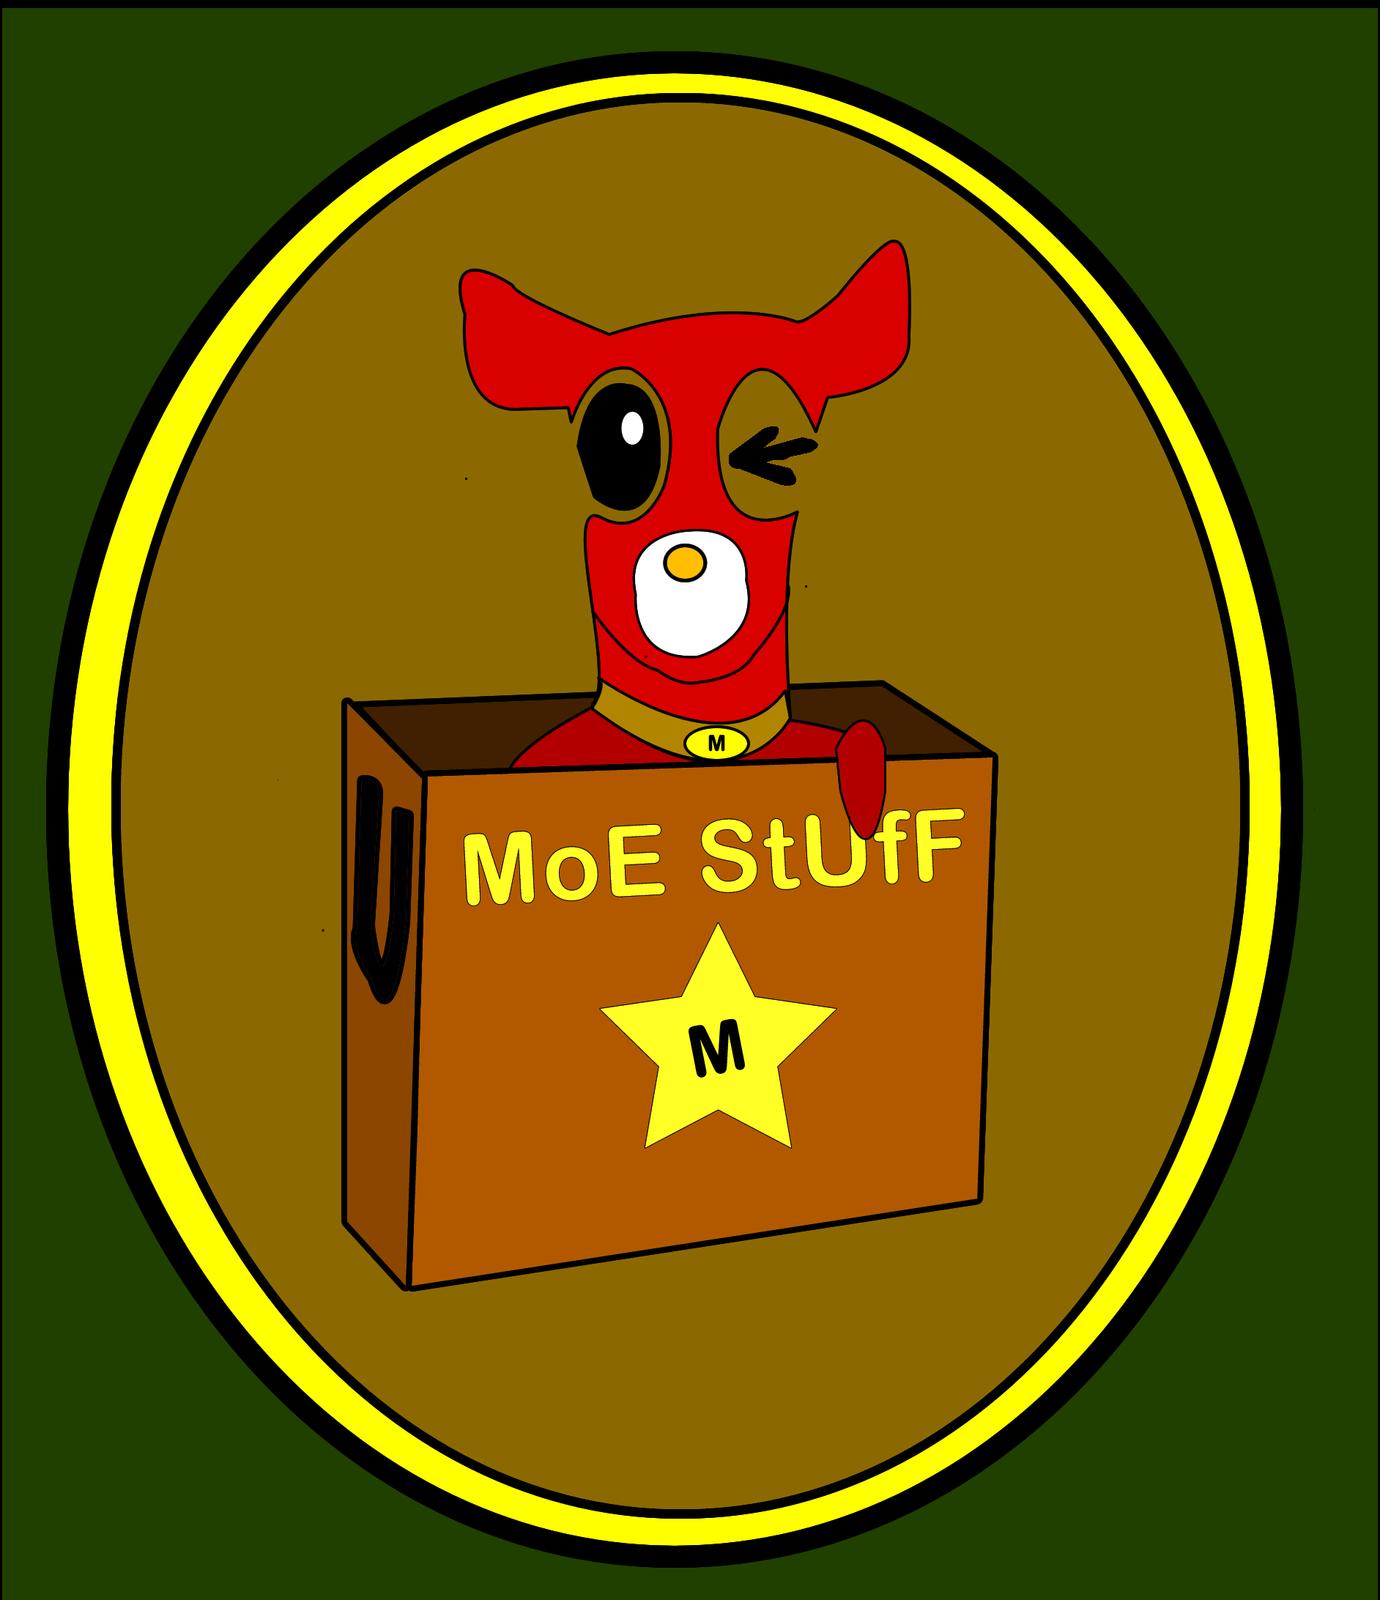 Moe Stuff